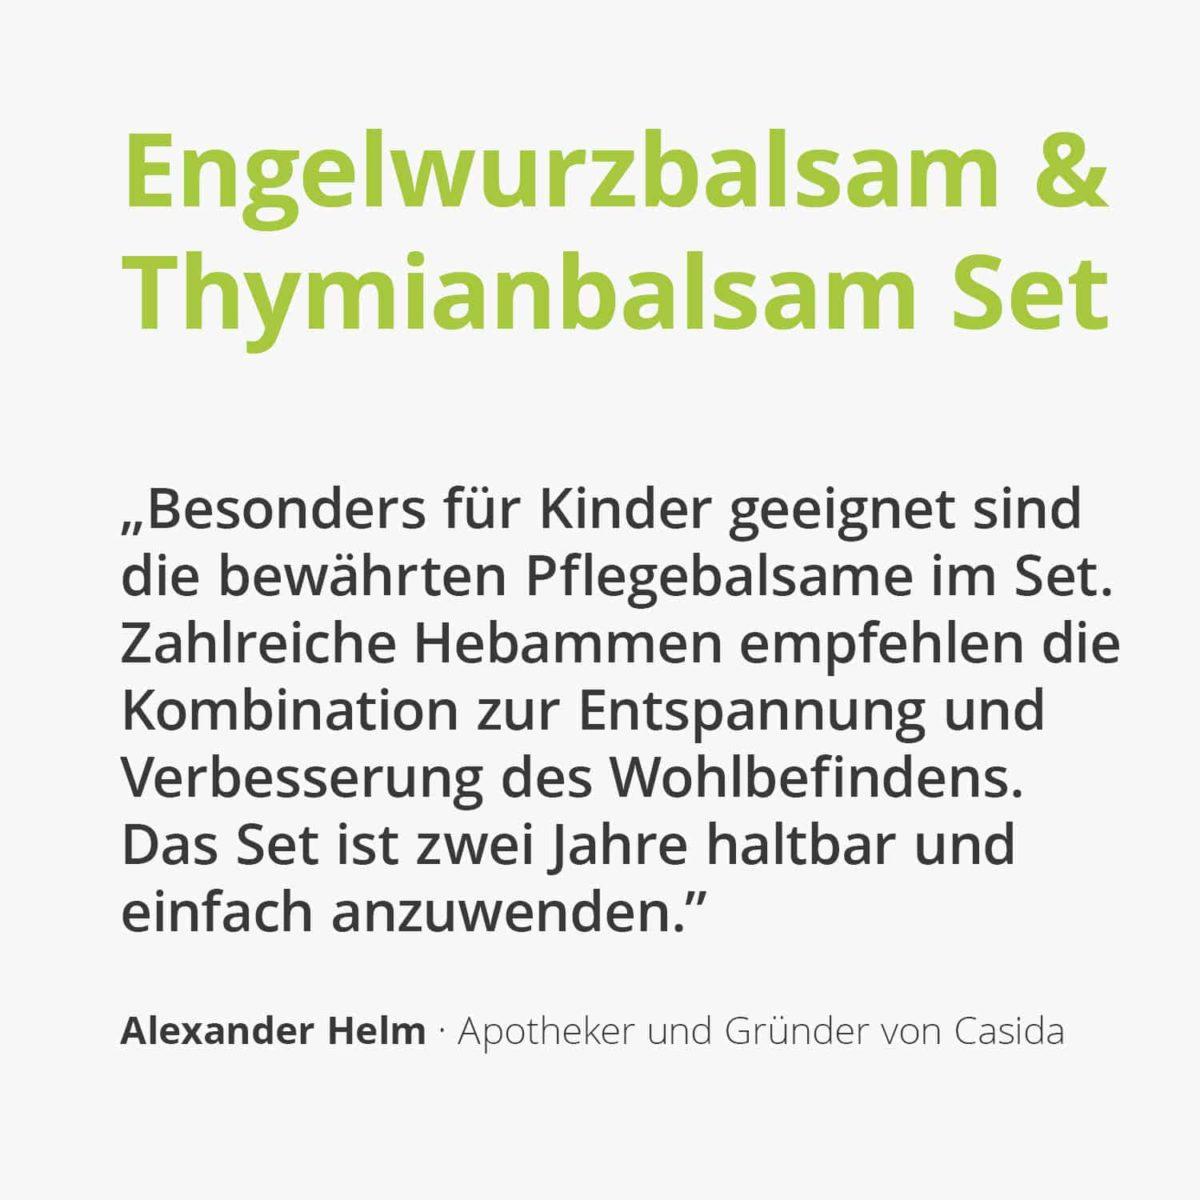 Casida Set Engelwurzbalsam Thymianbalsam mit Myrte Kinder 10209008 10086729 PZN Apotheke Erkältung Baby pflanzlich behandeln2